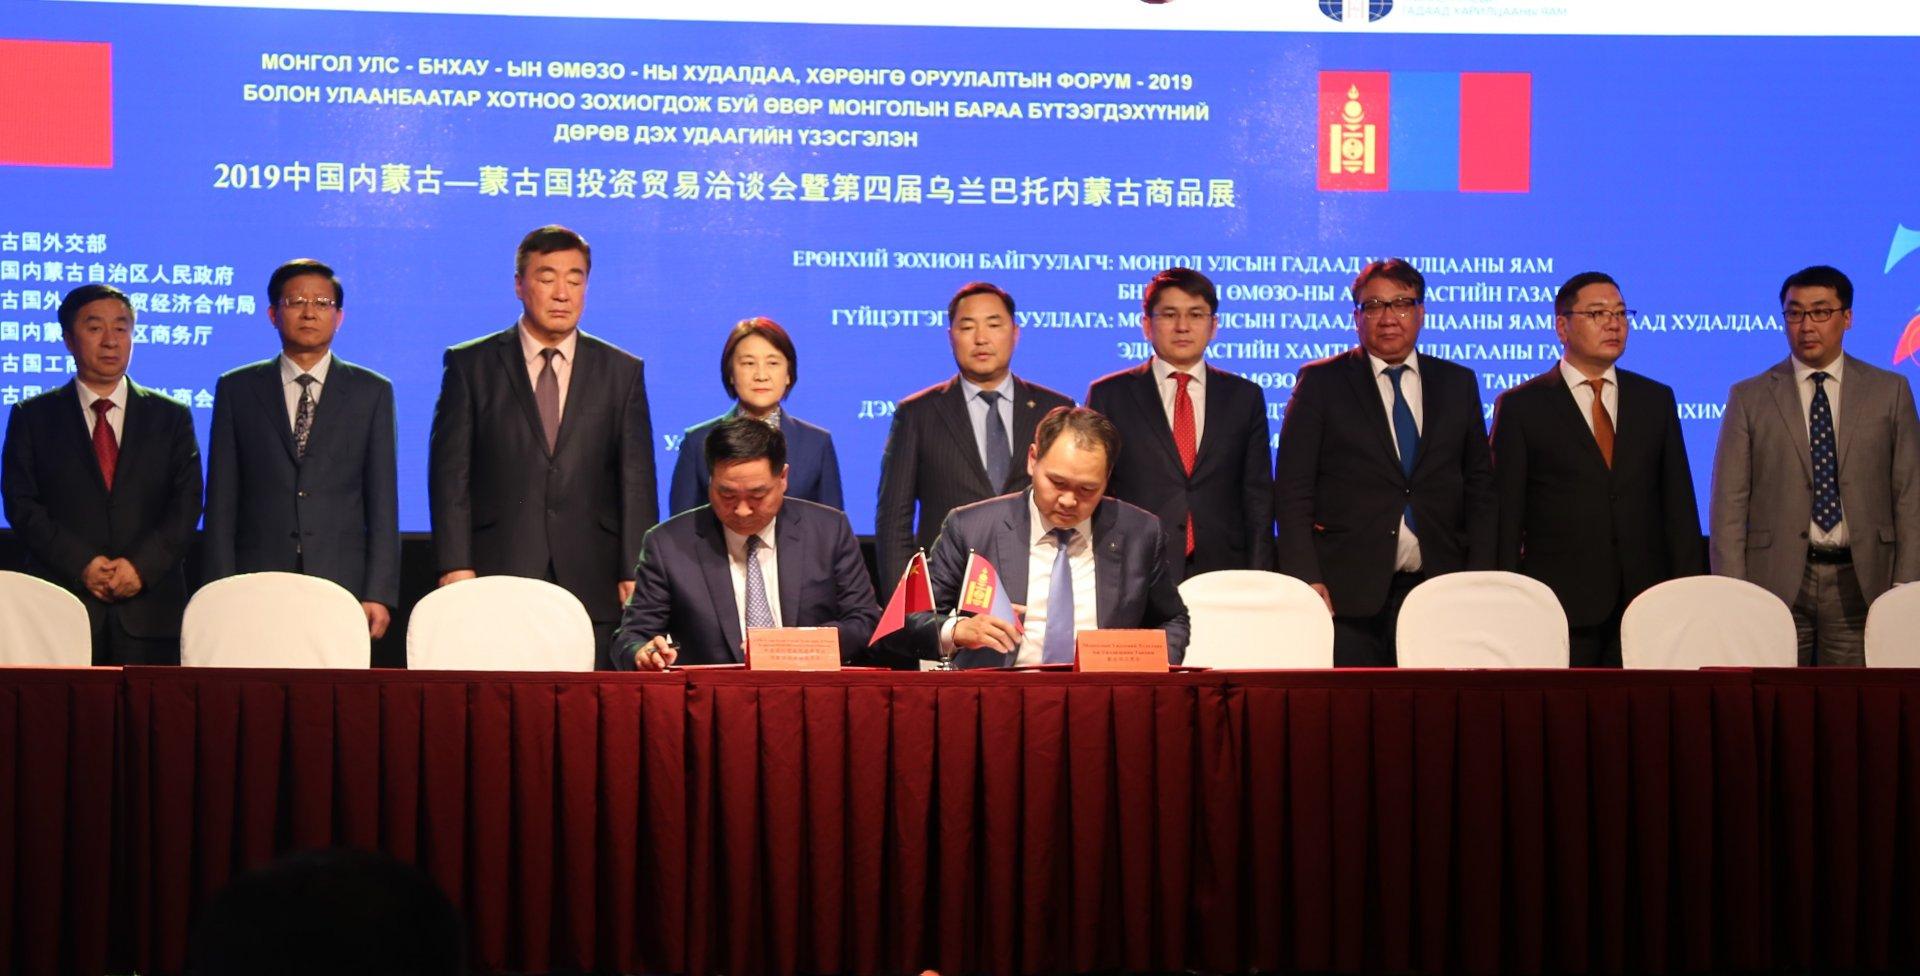 """""""Монгол Улс, БНХАУ-ын ӨМӨЗО-ны худалдаа, хөрөнгө оруулалтын хамтын ажиллагааны форум-2019""""-ыг зохион байгуулав"""